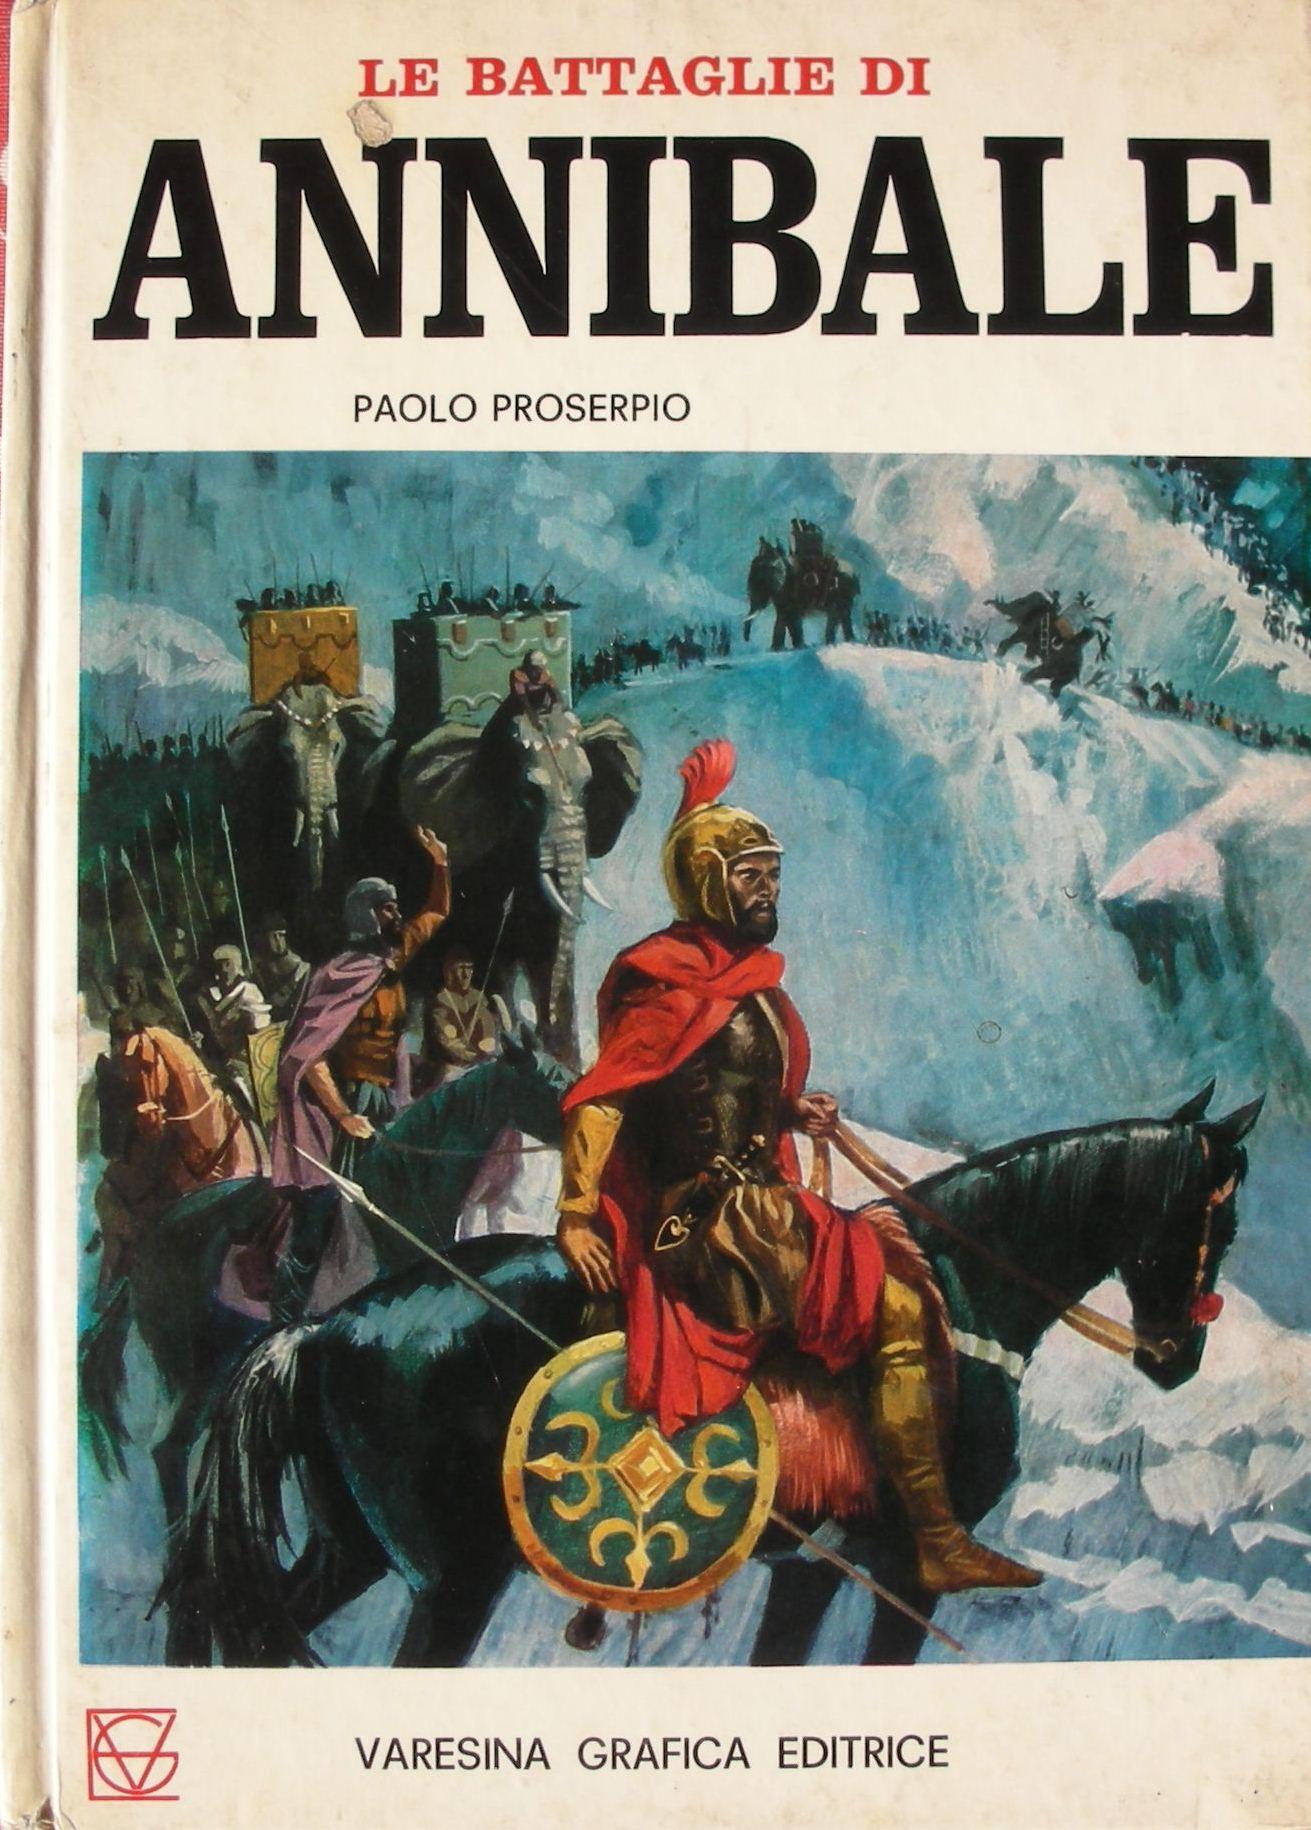 Le battaglie di Annibale